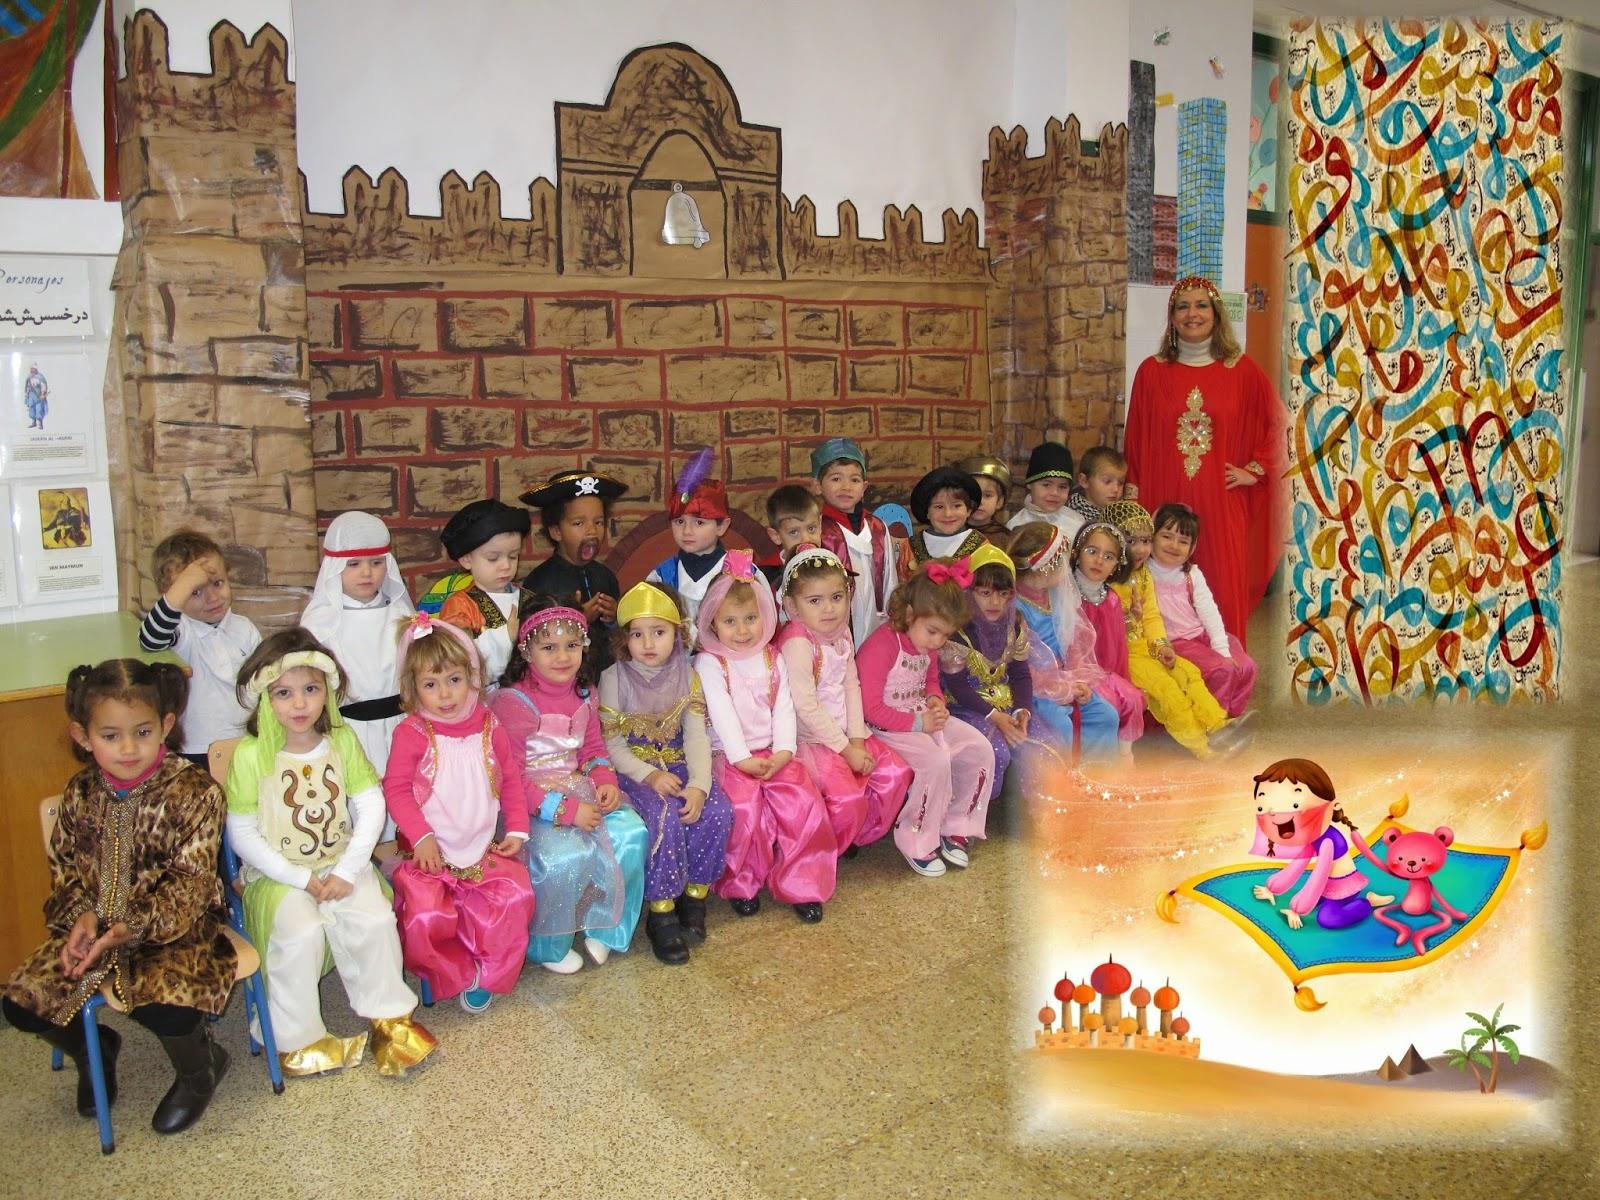 Mis cocolisos carnaval milenio de almer a for Entradas 4 milenio